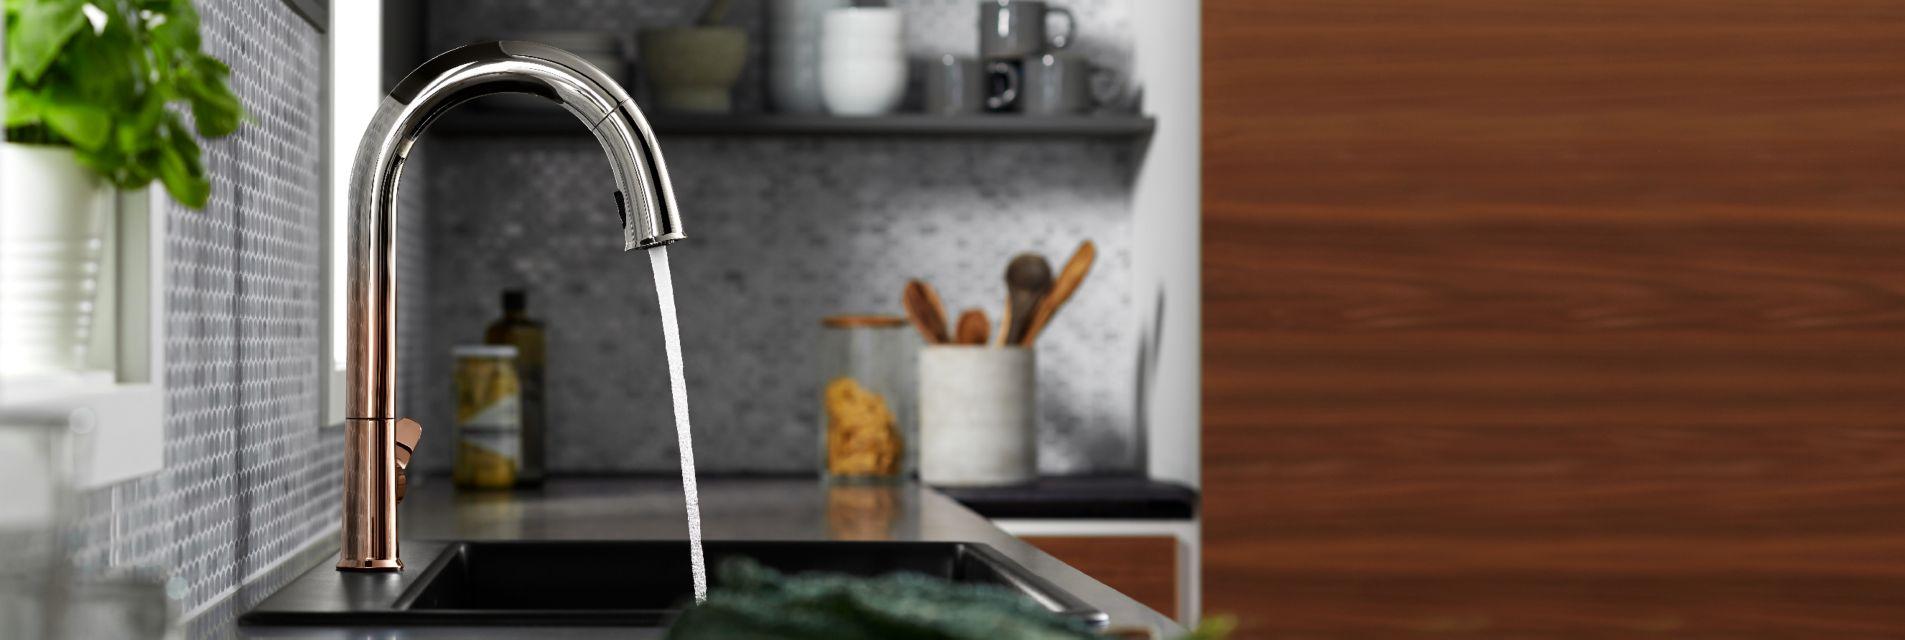 廚房龍頭的創新技術